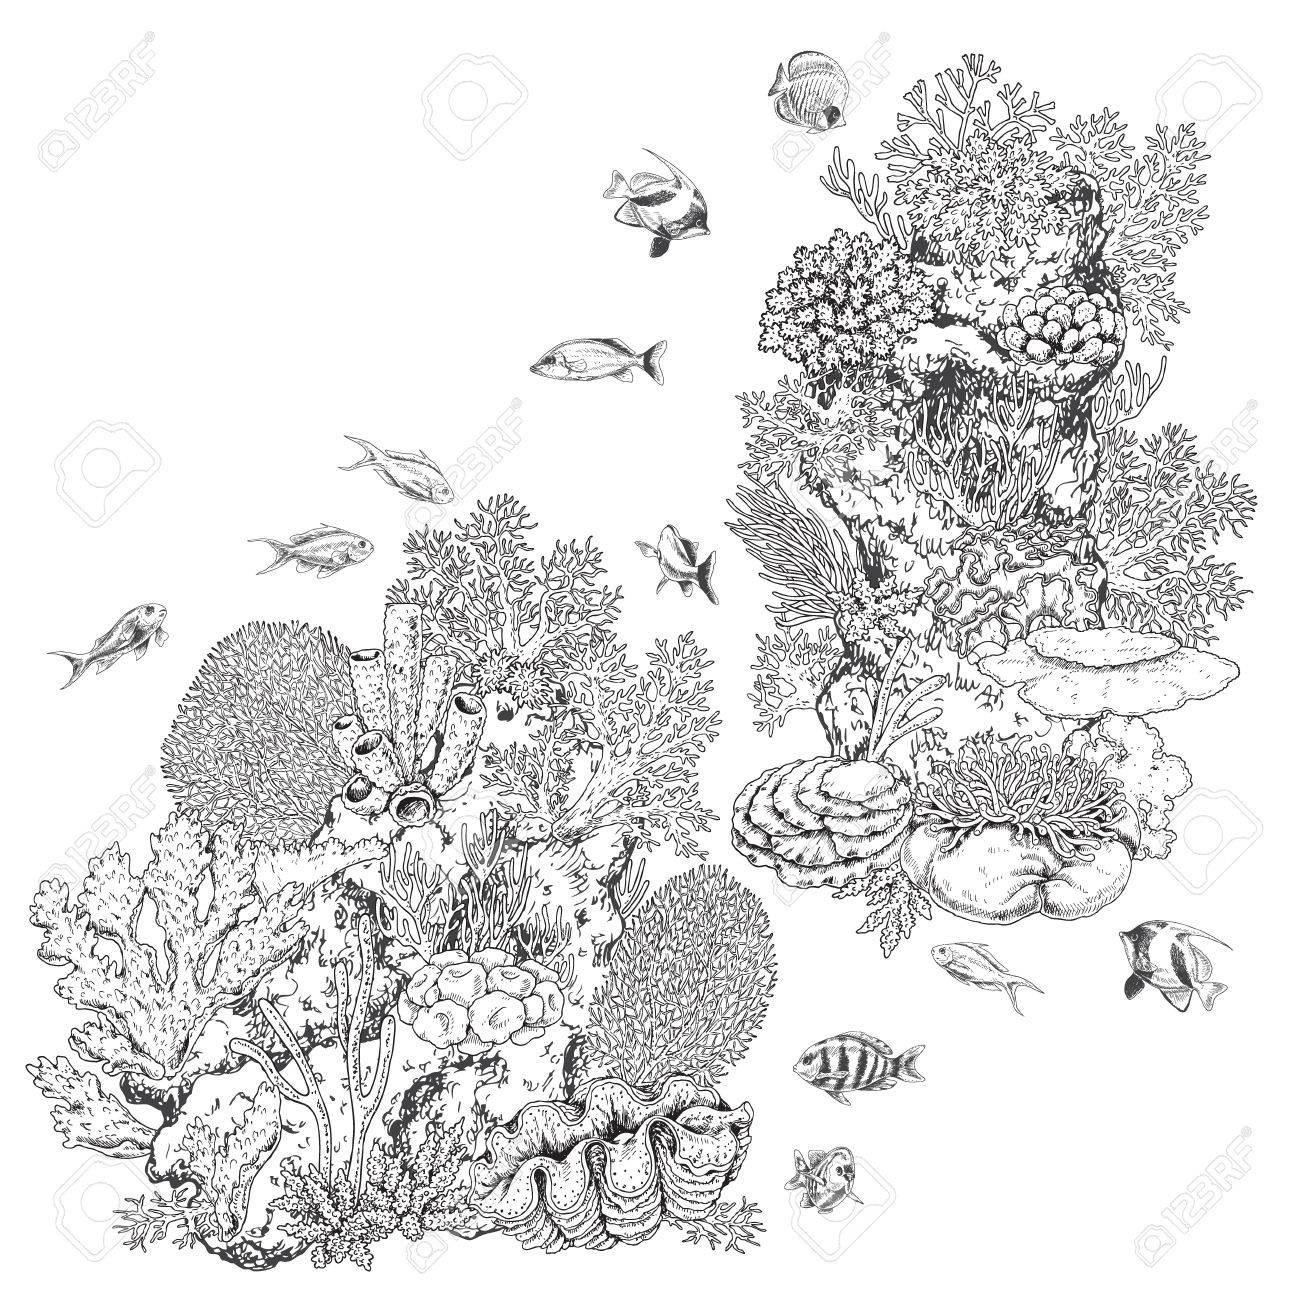 Elementos Naturales Subacuáticos Dibujados A Mano Bosquejo De Corales De Arrecife Y Peces De Natación Monocromo Colonia De Coral En La Roca